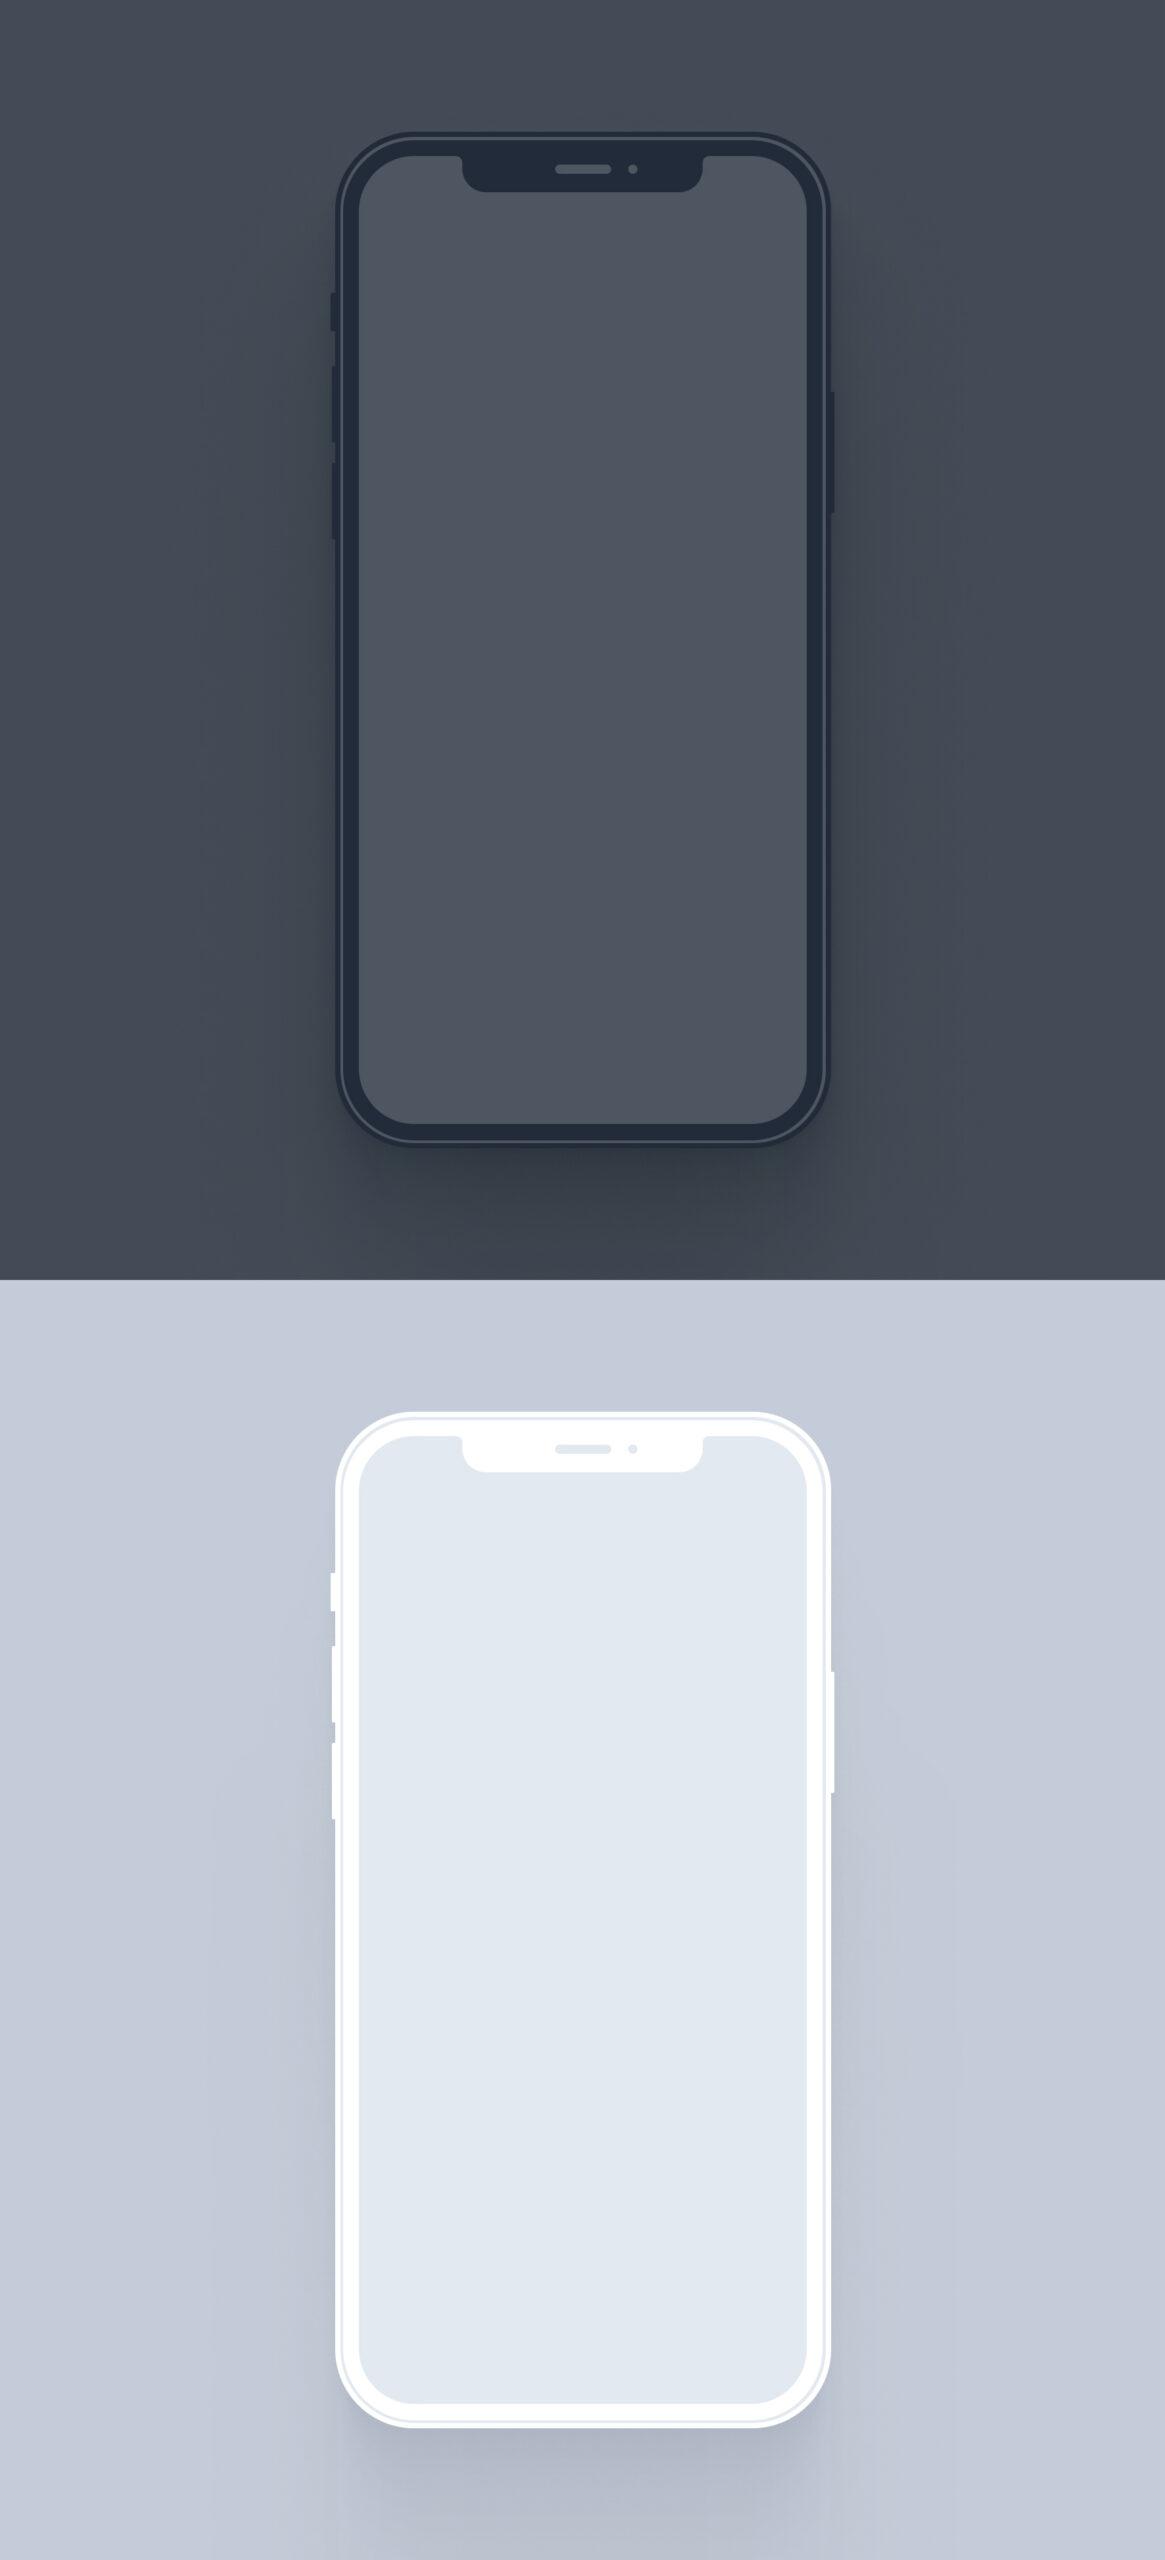 iPhone 12 Pro手机样机插图